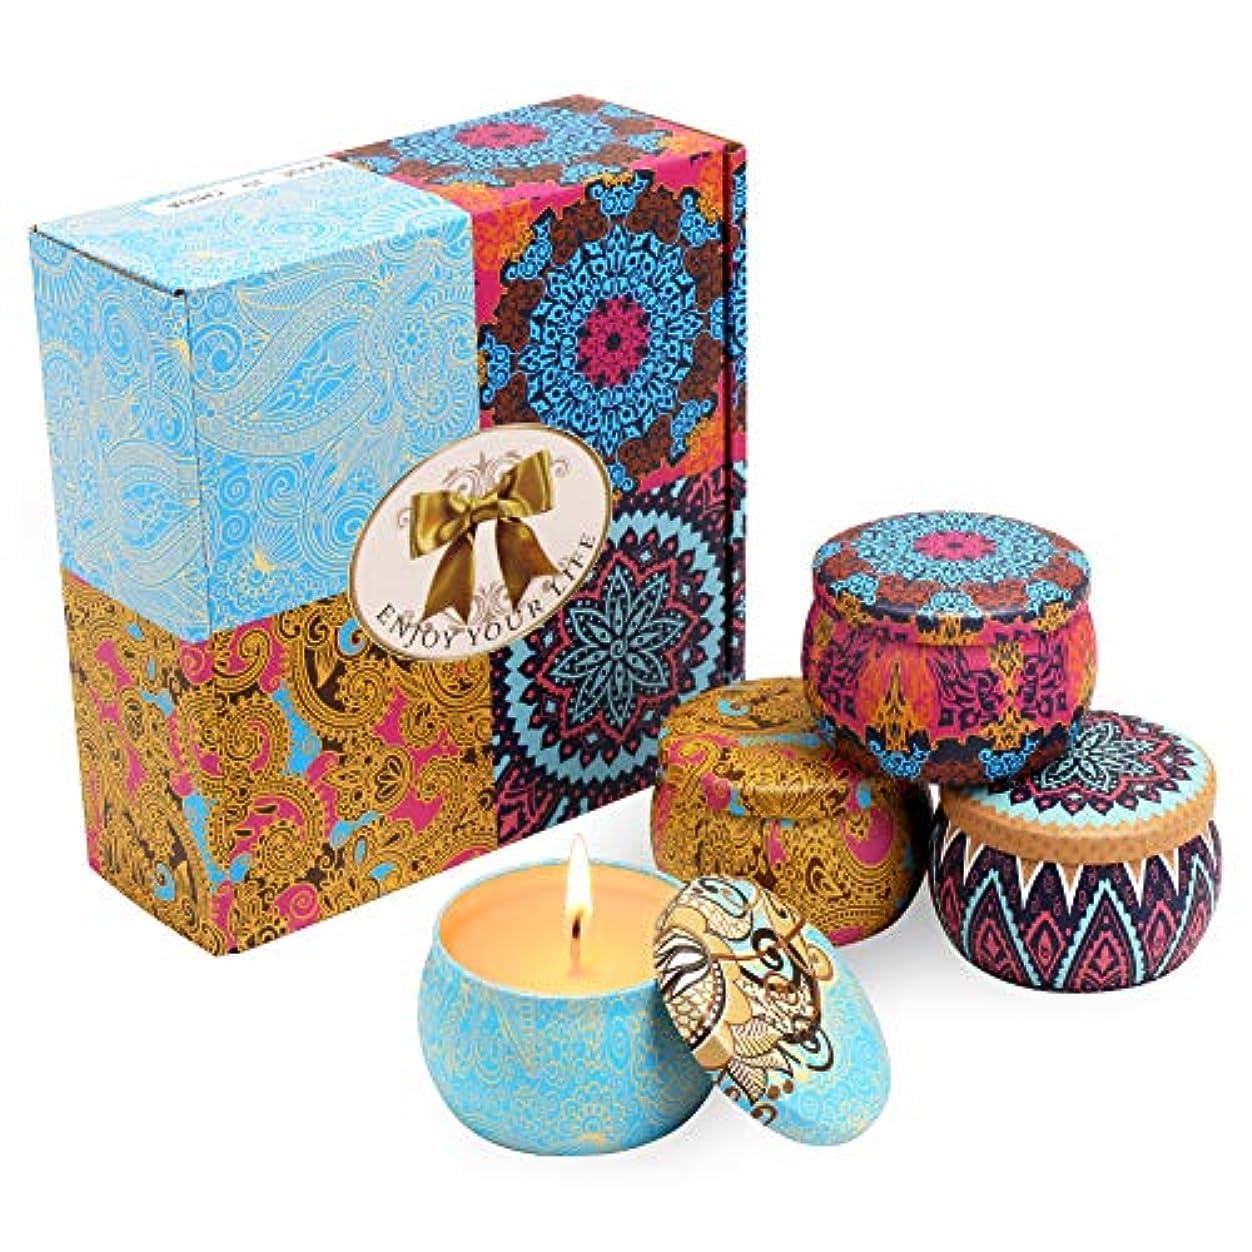 間接的シャーク一緒アロマキャンドル MANLI ソイワックス 天然 大豆ワックス 4つ香り 果物の香り 4個セット キャンドル アロマテラピー ロウソク バレンタインデー プレゼント ロマンチック 結婚式 誕生日(四セット)